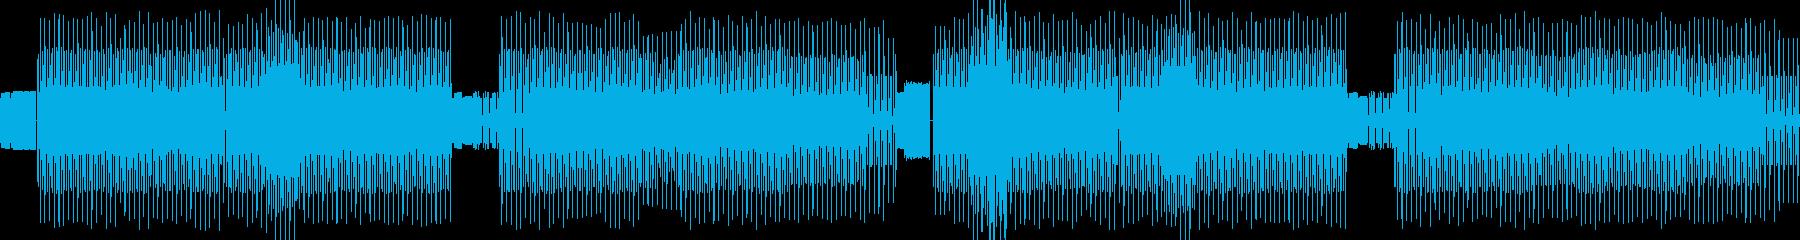 電子。ロボット工学。とてもおしゃべ...の再生済みの波形